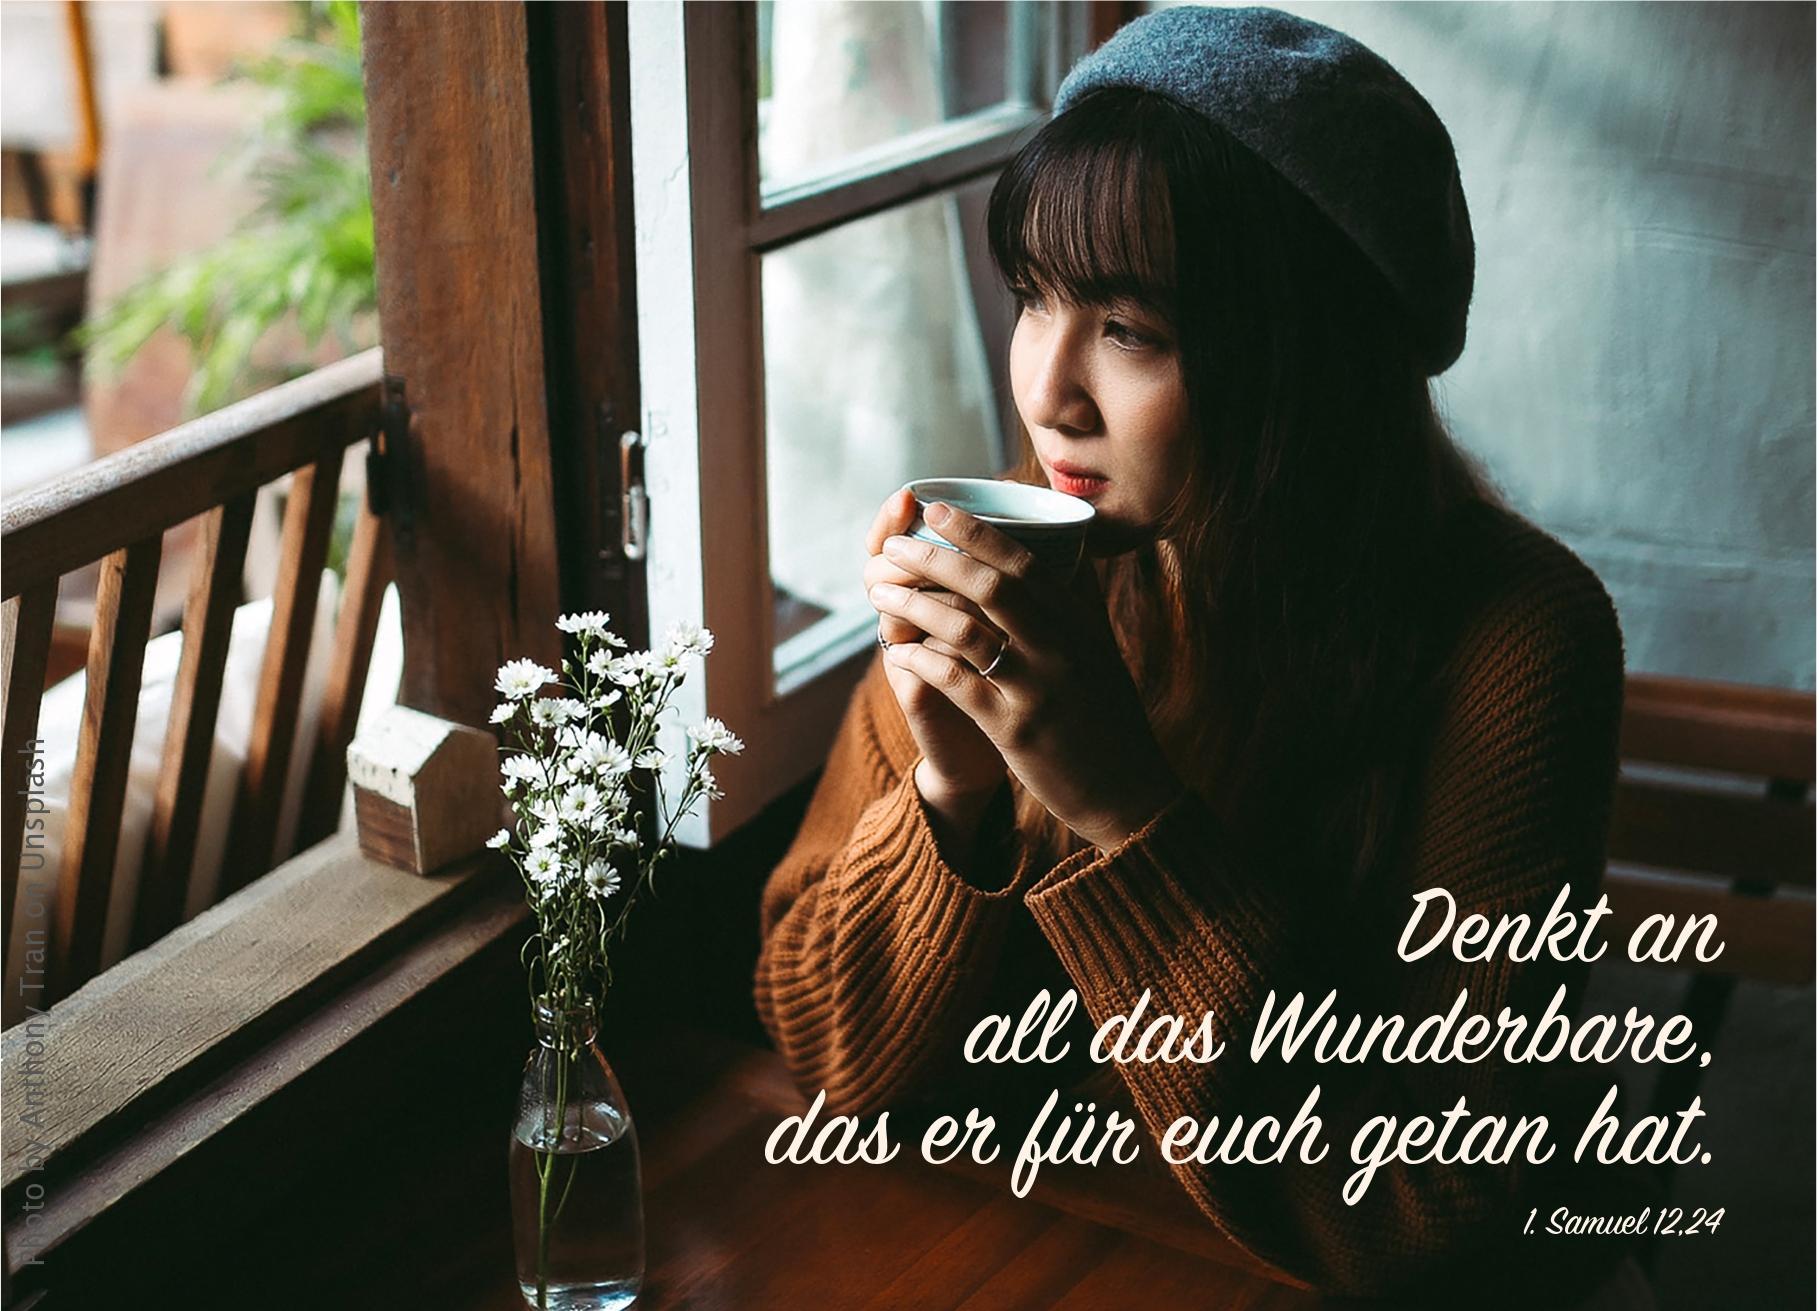 """alt=""""Frau_mit_Kaffee_am_Tisch_erwartet_bibelhoerbuch_Samuels_Abschiedsrede"""""""